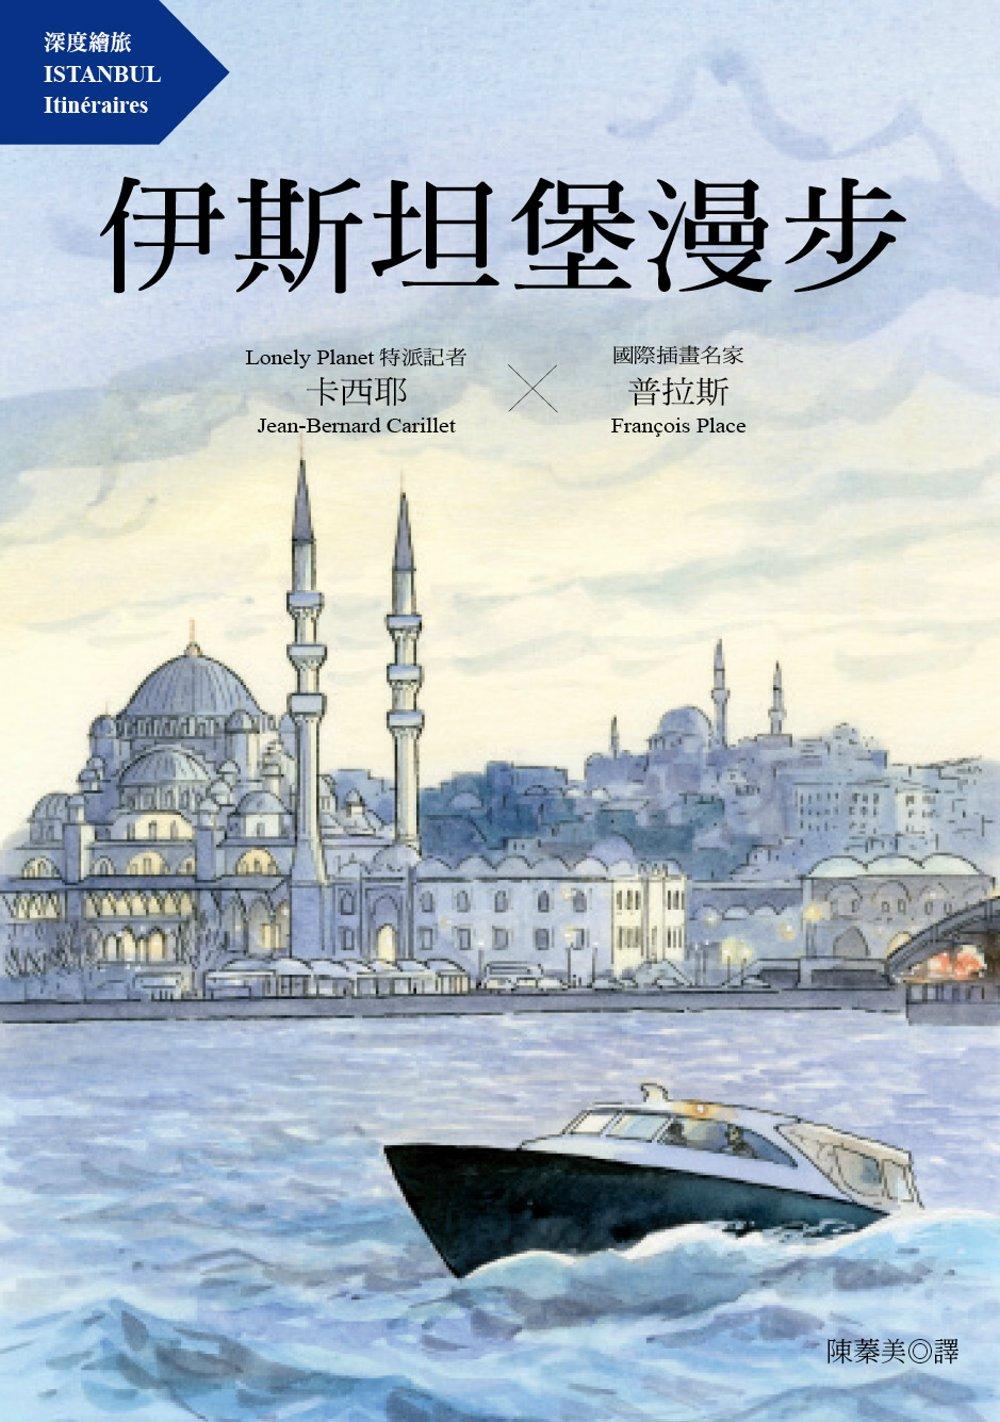 伊斯坦堡漫步(《歐赫貝奇幻地誌學》國際名家法蘭斯瓦‧普拉斯最新插畫力作)